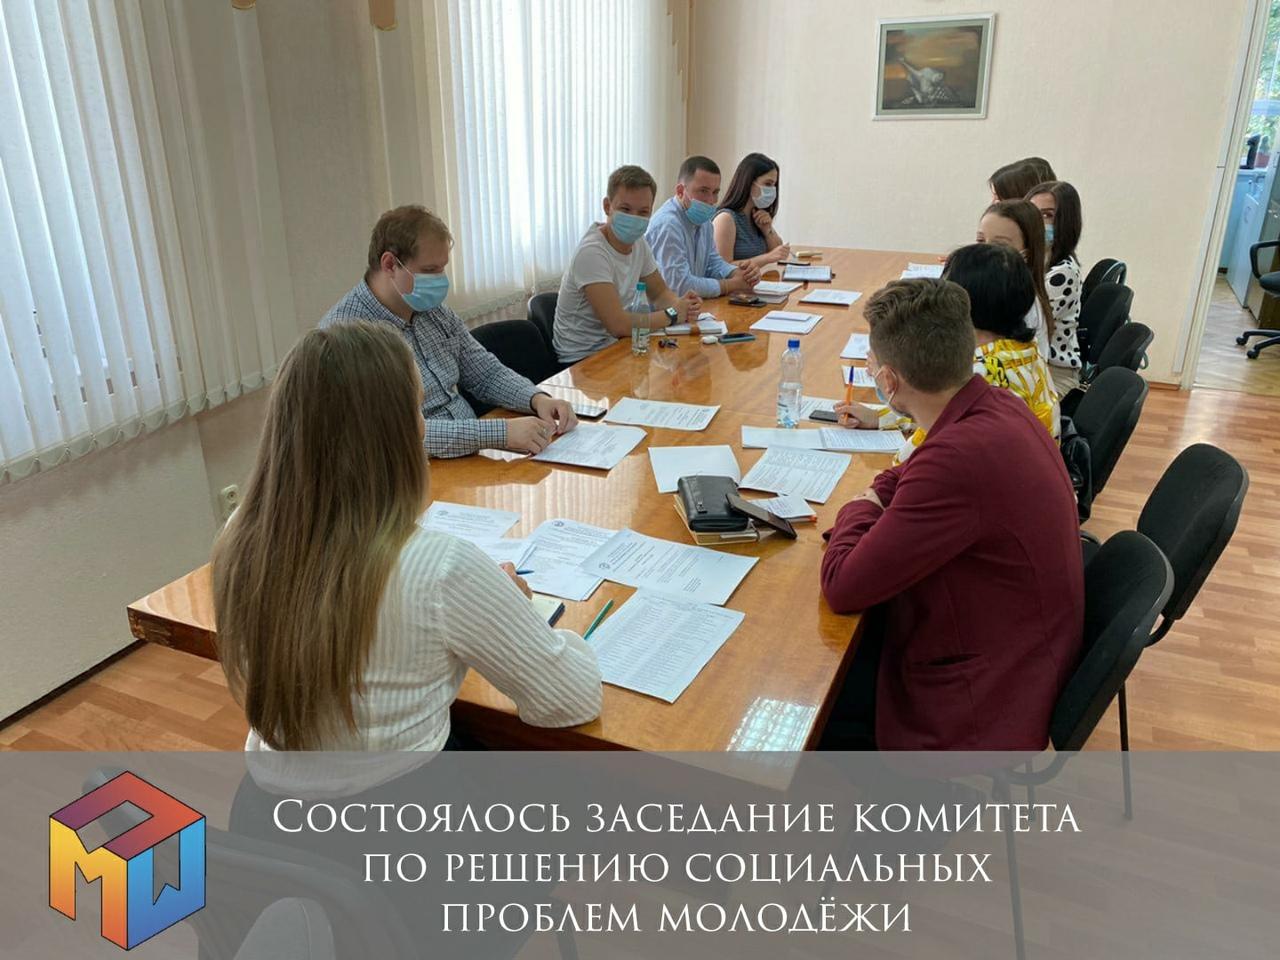 Cостоялось первое заседание комитета по решению социальных проблем молодёжи